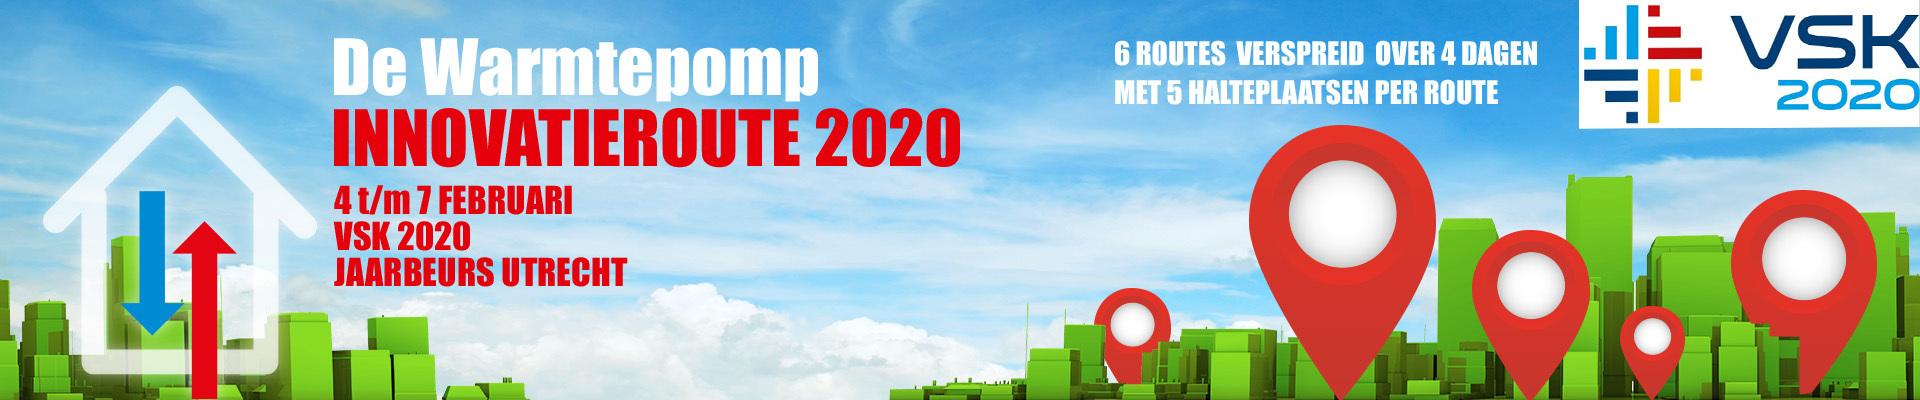 Warmtepomp innovatieroute VSK 2020